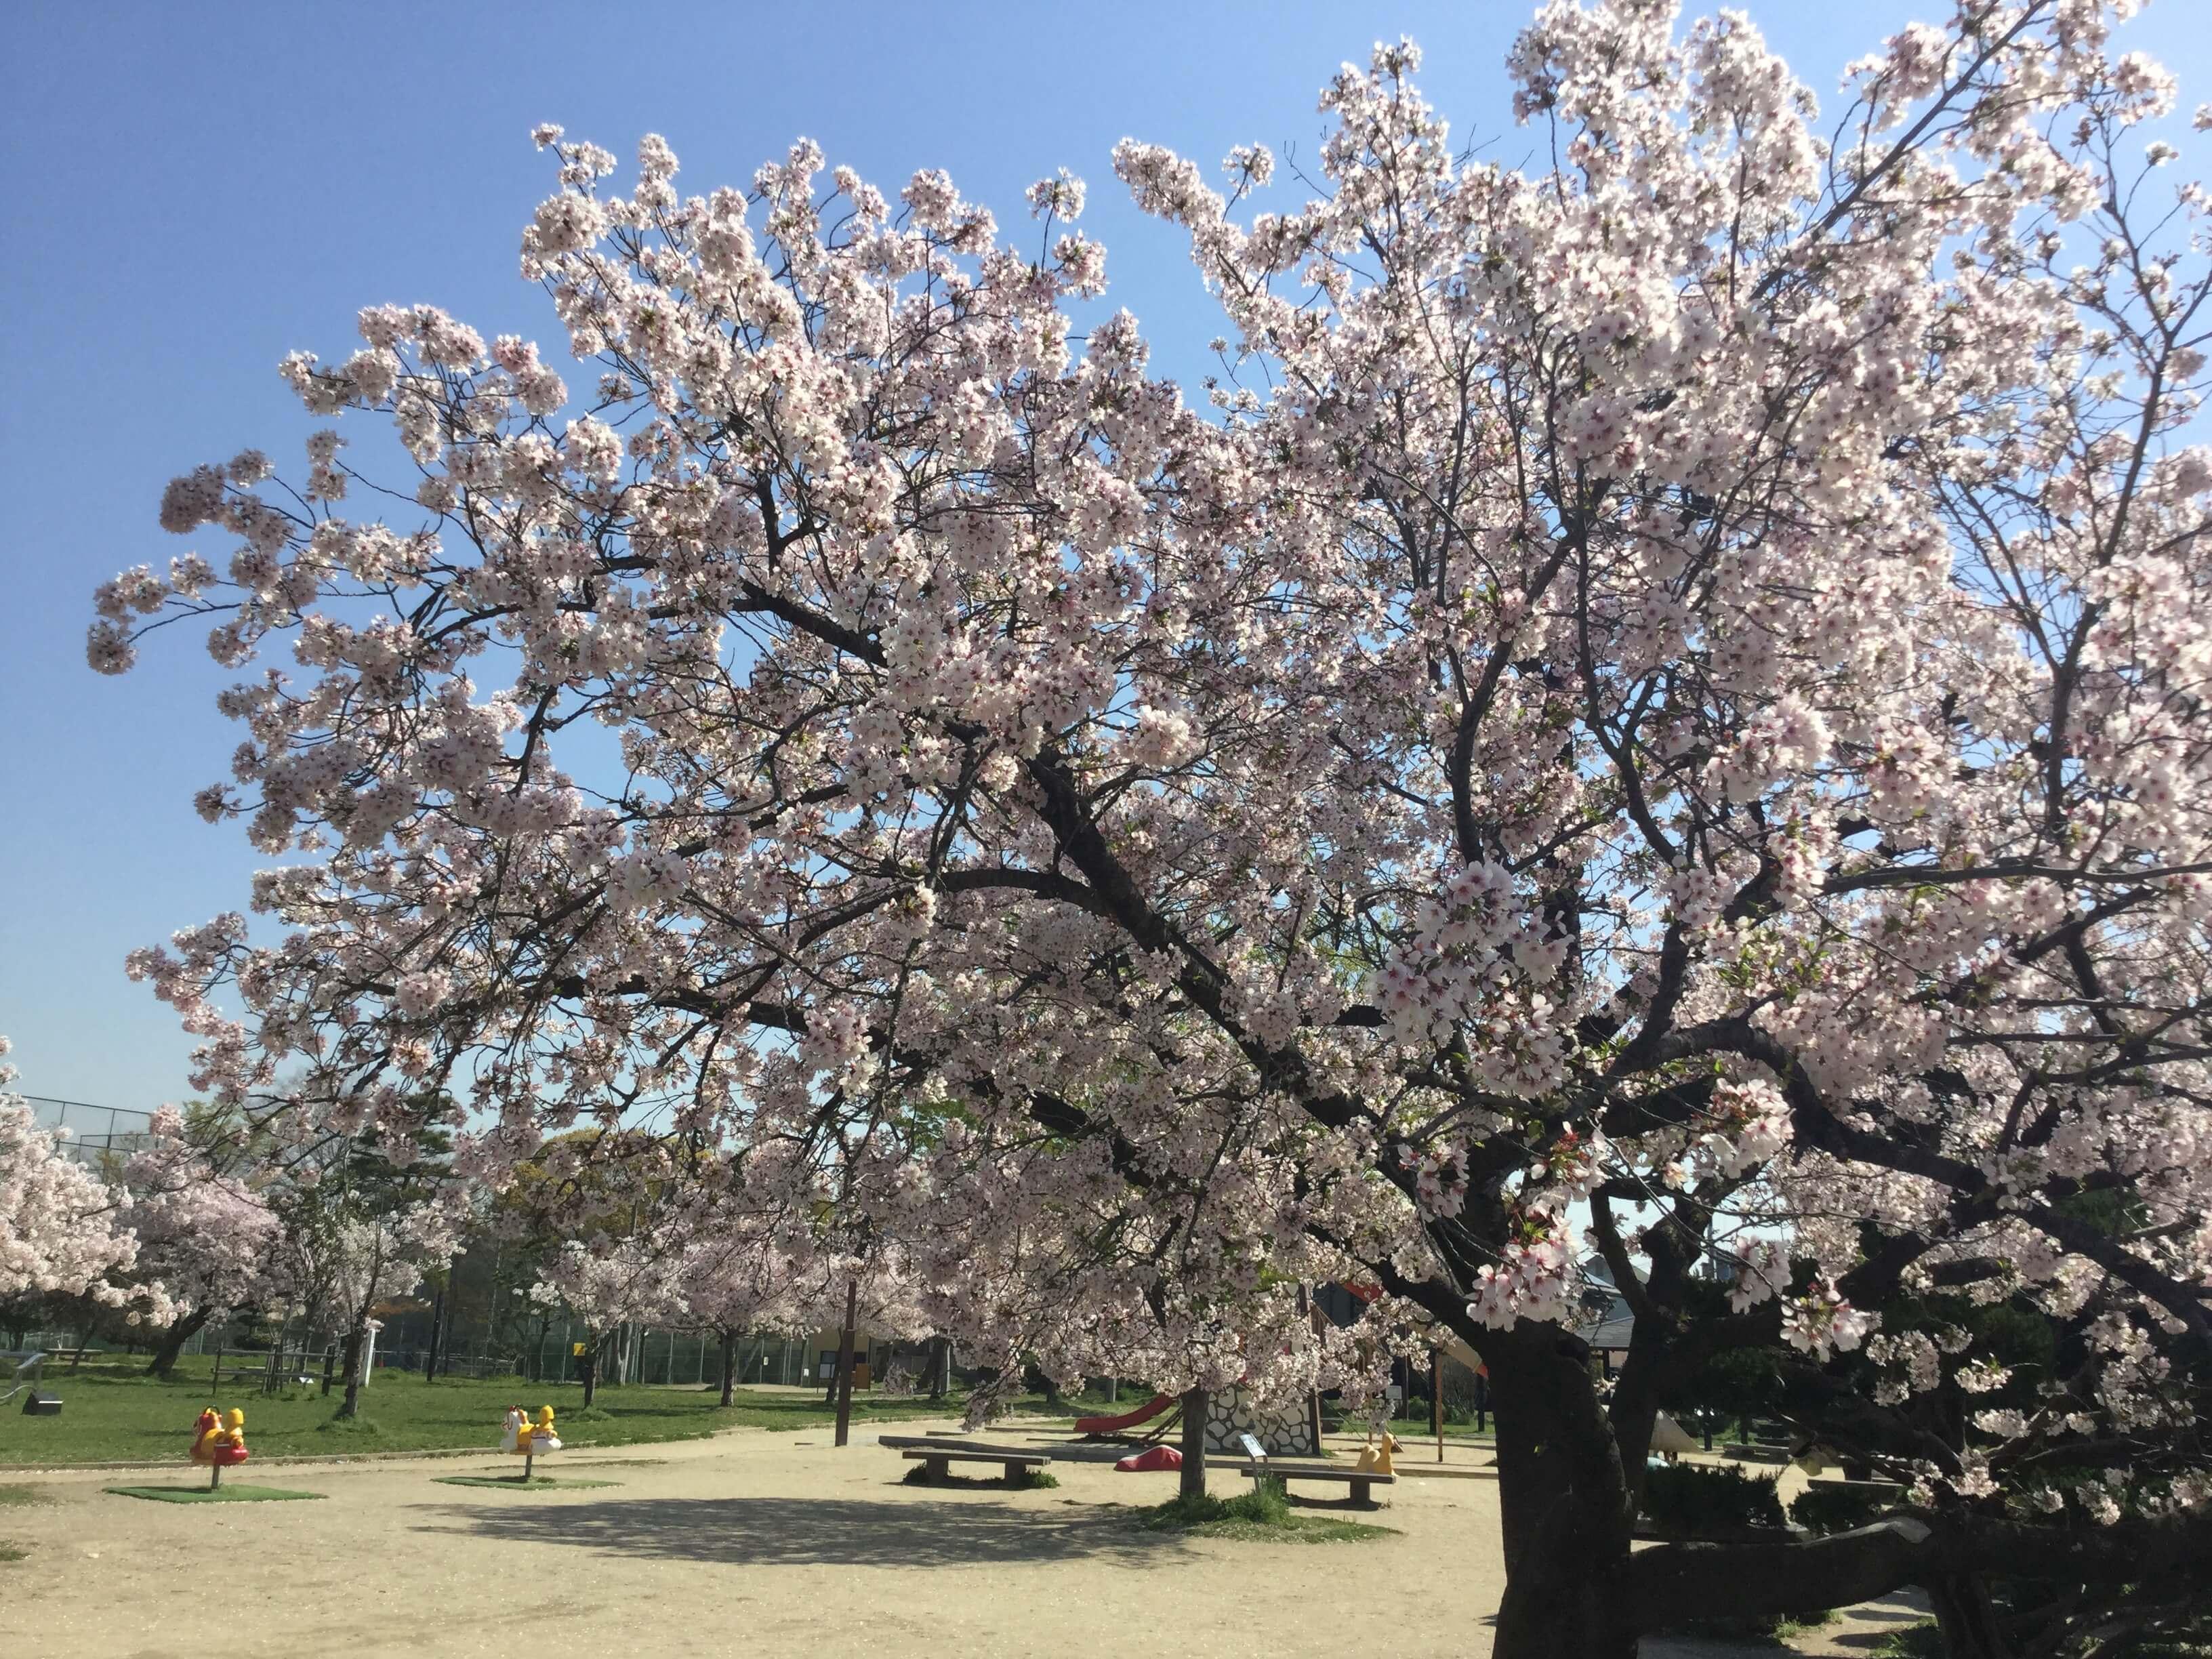 【高槻の花見スポット】城跡公園は遊具が豊富。子ども達が存分に遊べる場所です。